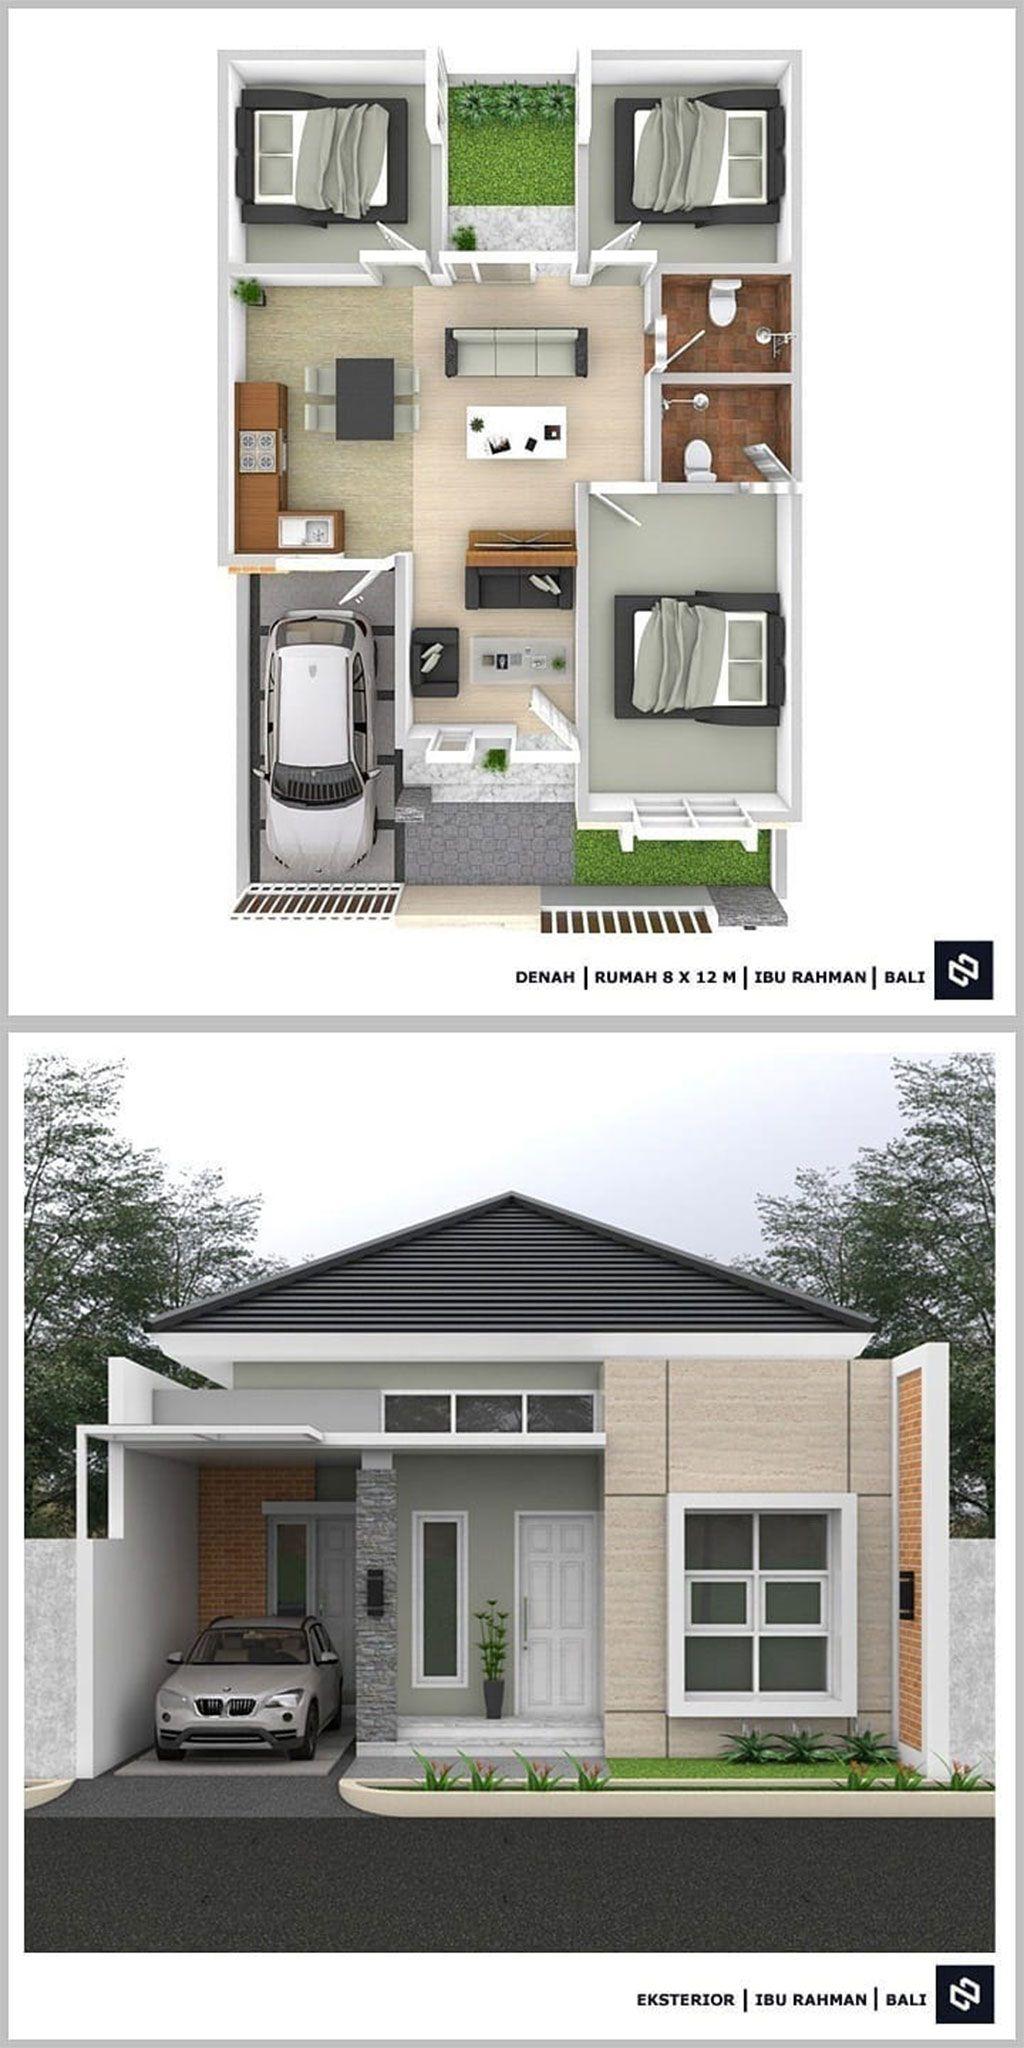 10 Denah Rumah Minimalis 3 Kamar Tidur 1 Lantai 2020 Beserta Keterangannya Dekor Rumah Denah Rumah Rumah Minimalis Rumah